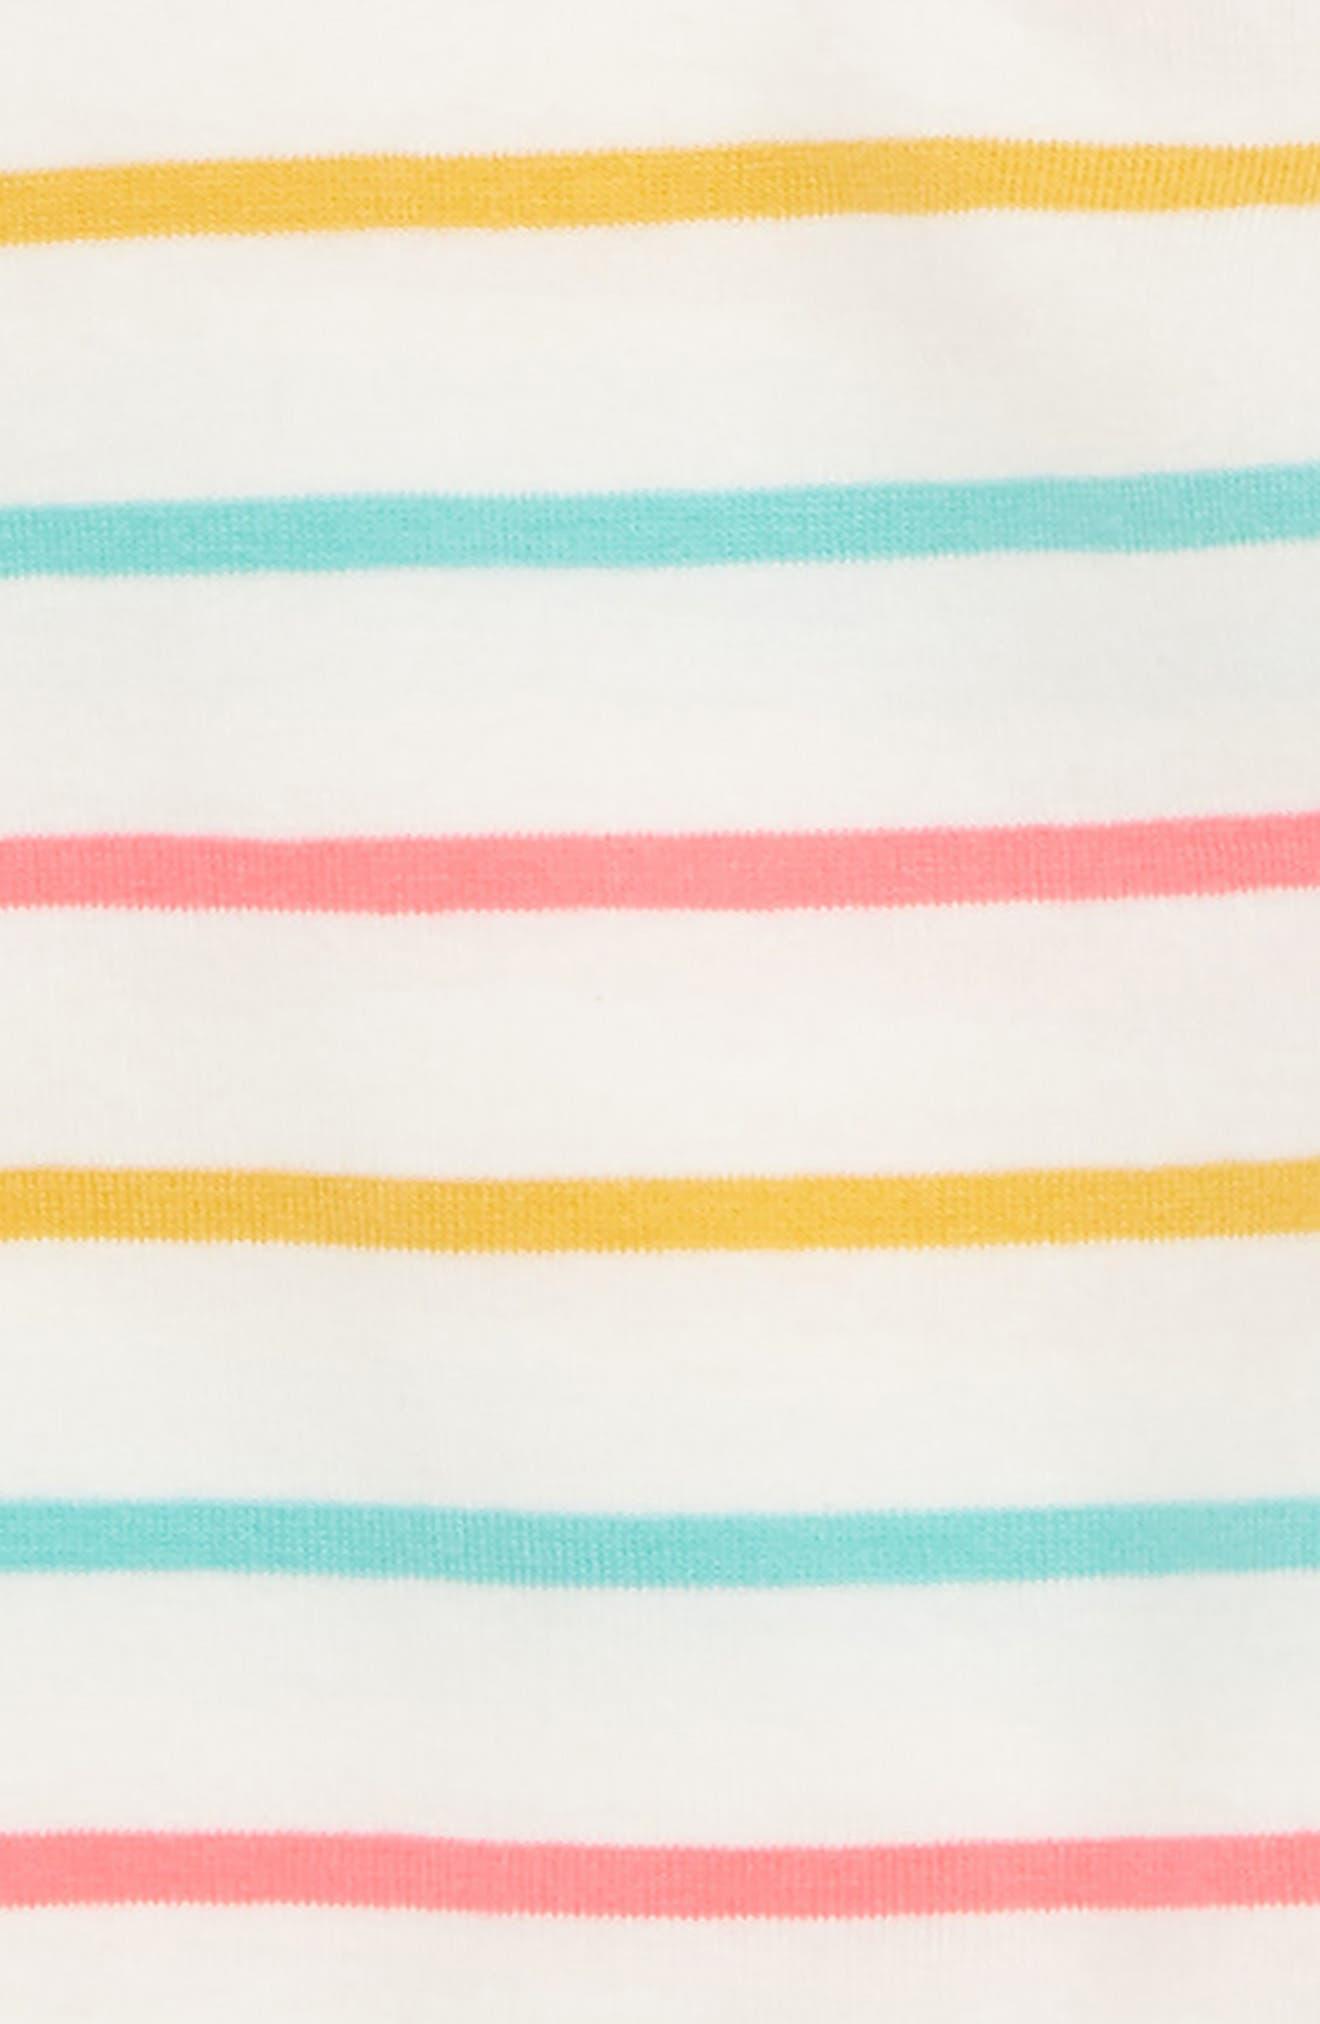 Stripe Leggings,                             Alternate thumbnail 2, color,                             900